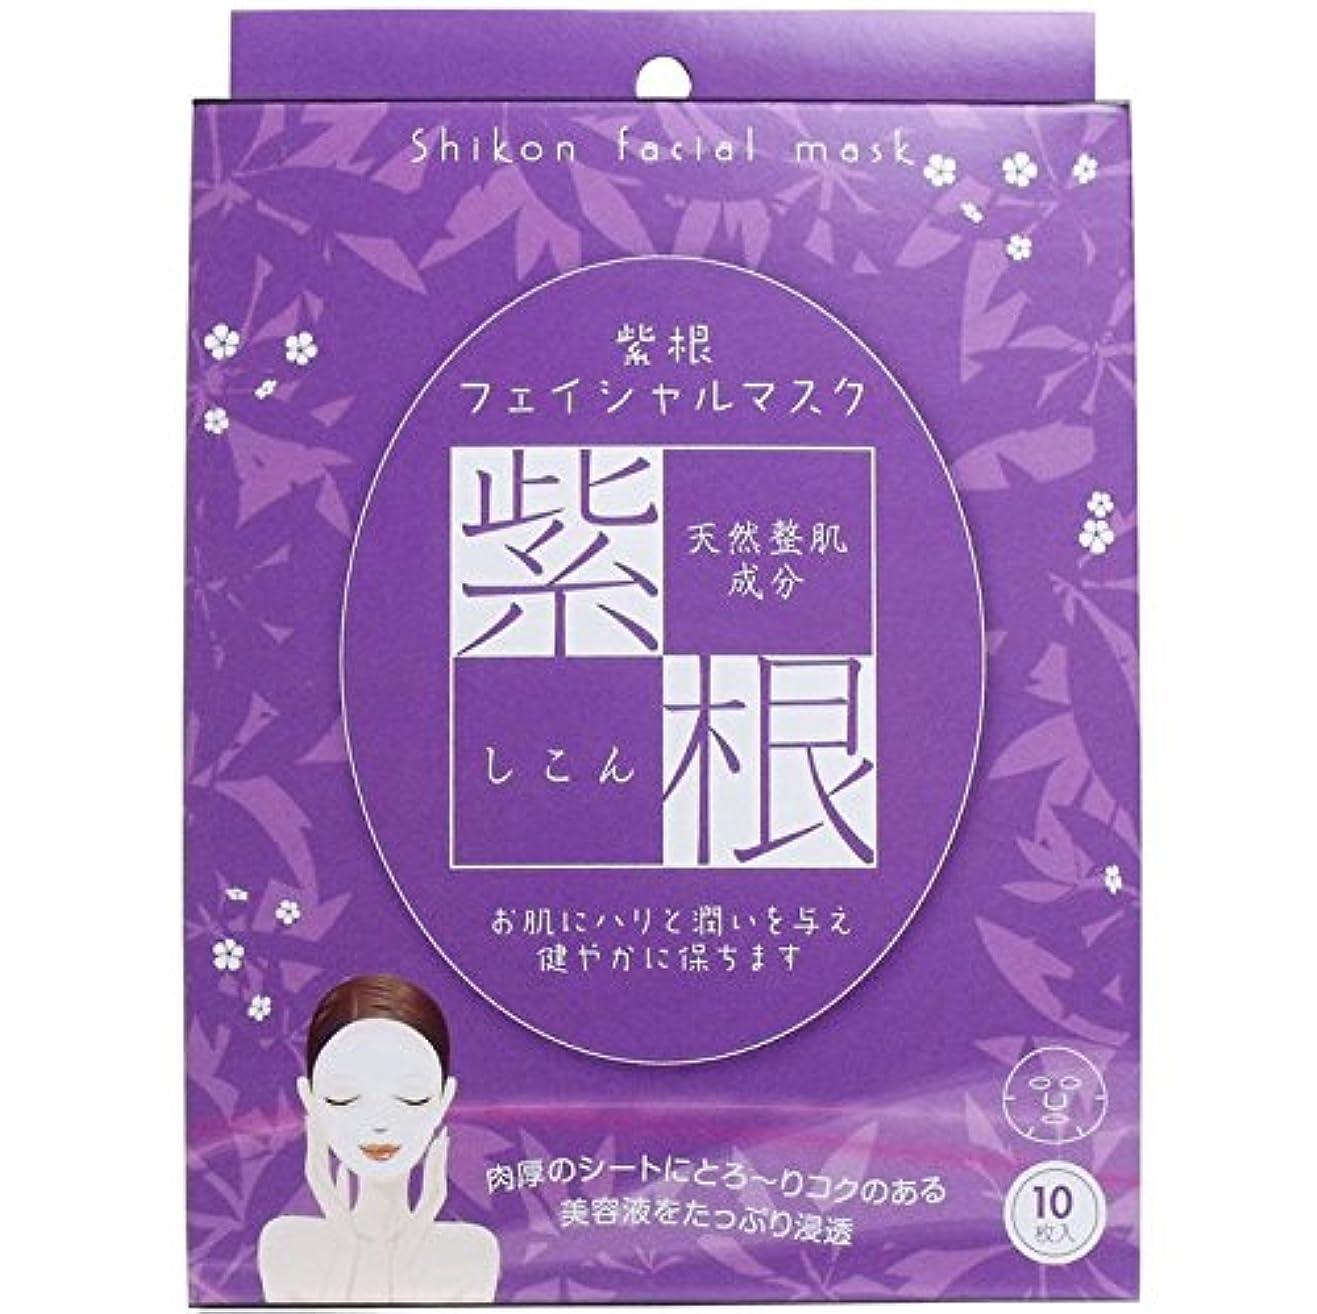 インデックス重力割り込み紫根フェイシャルマスク 10枚×(4セット)